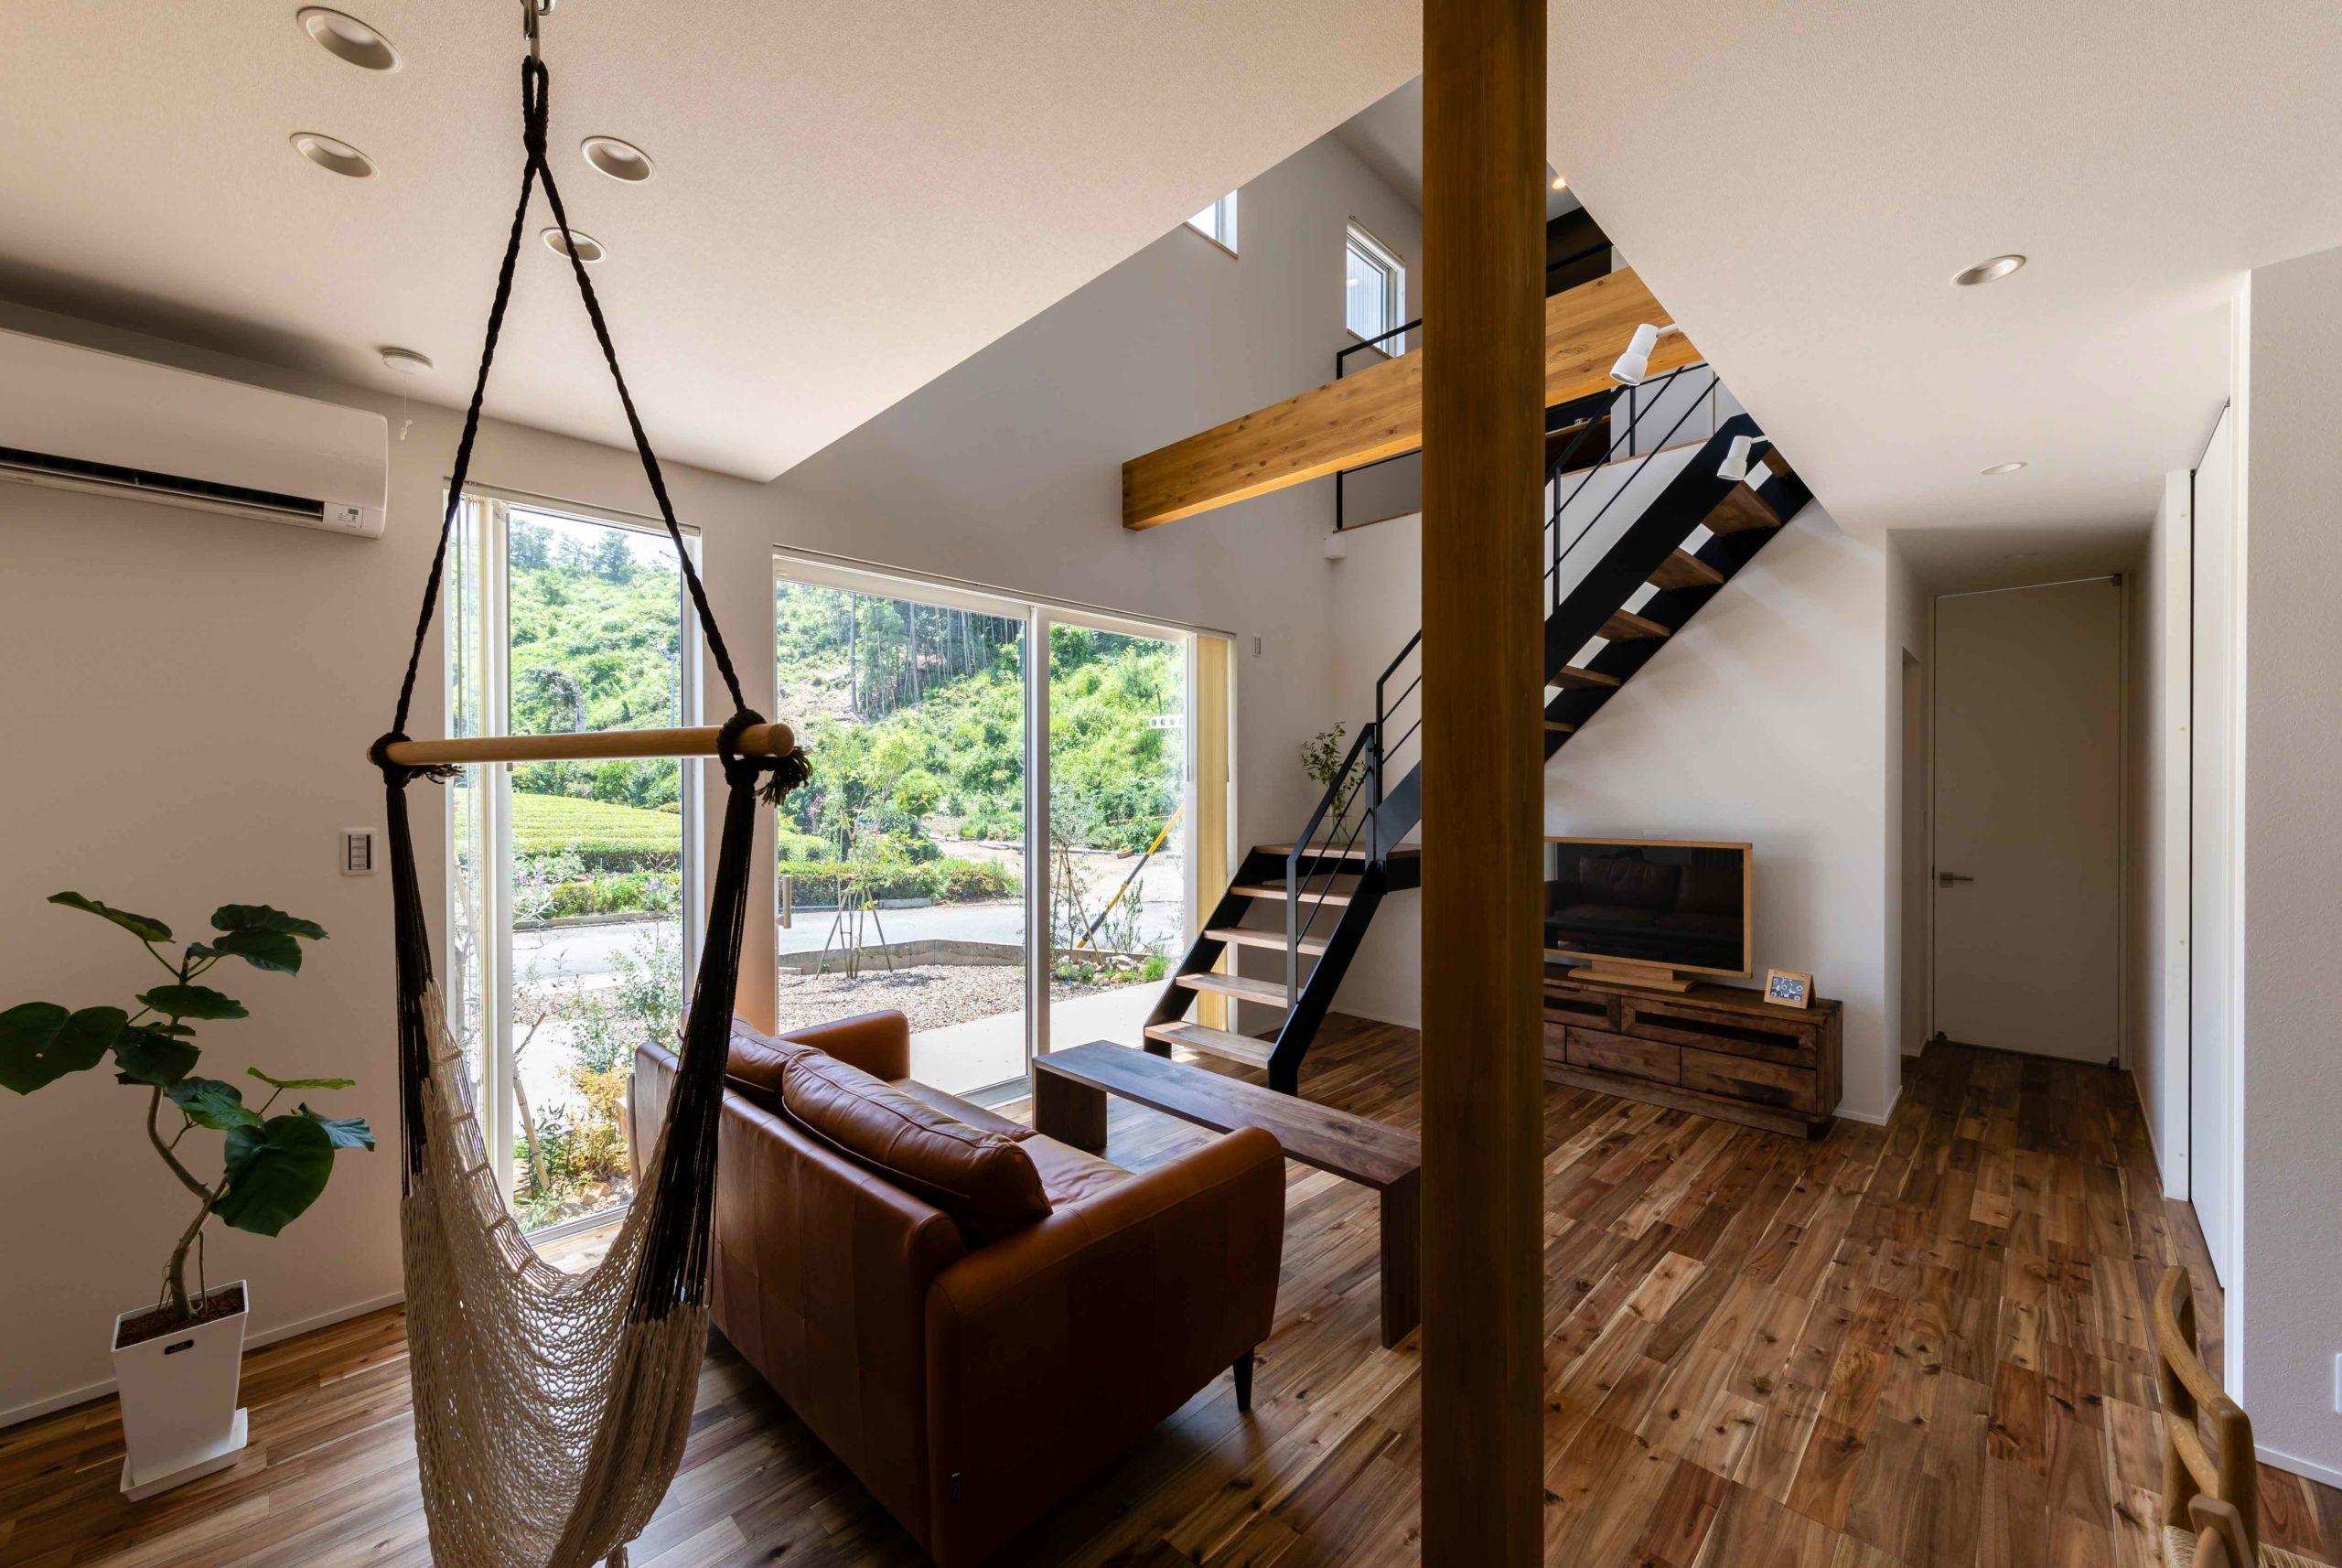 周囲の自然を庭のように眺められる家006